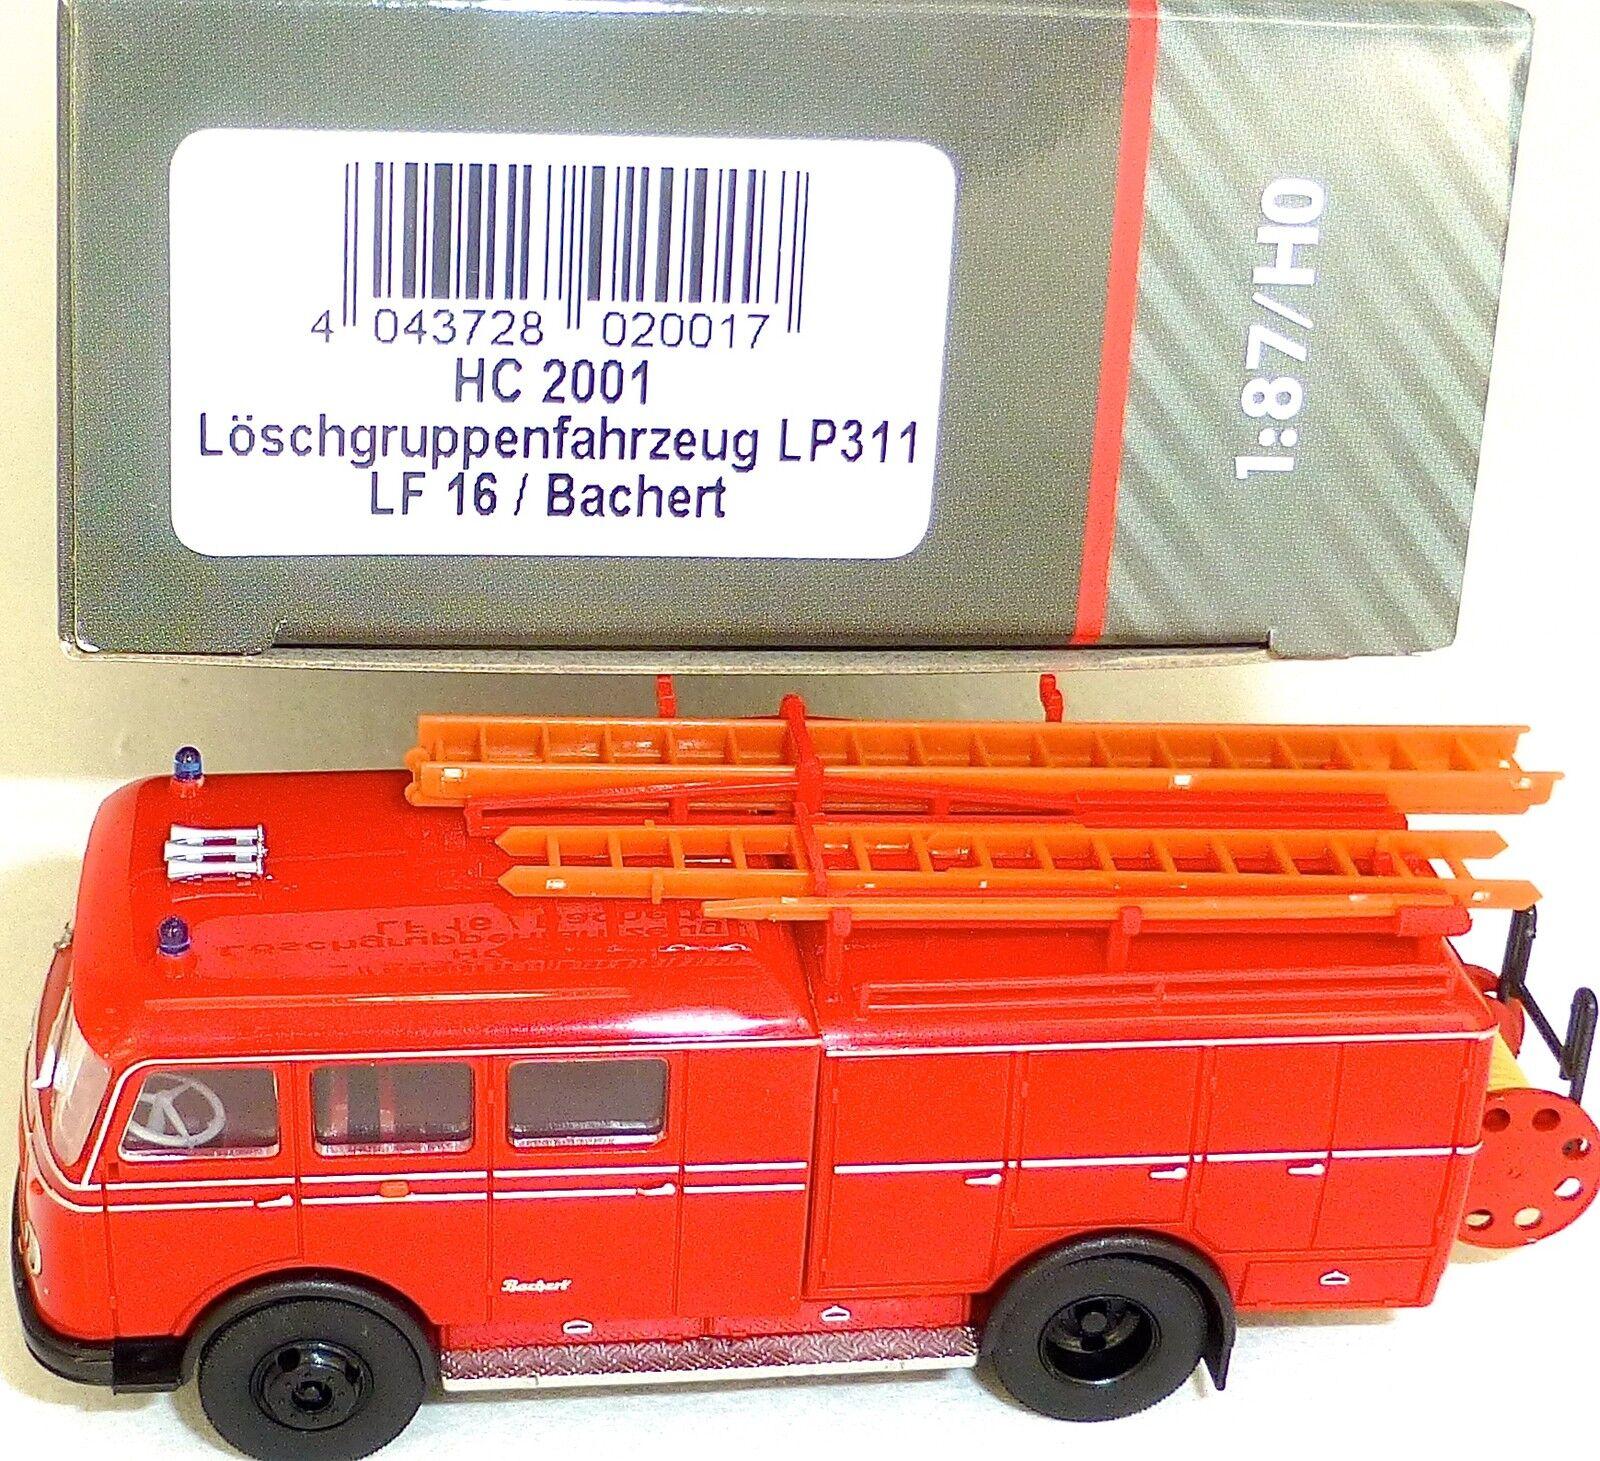 Löschgruppenfahrzeug LP311 LF16 bachert feuerwehr heico hc 2001 H0 1 87 Neu µ